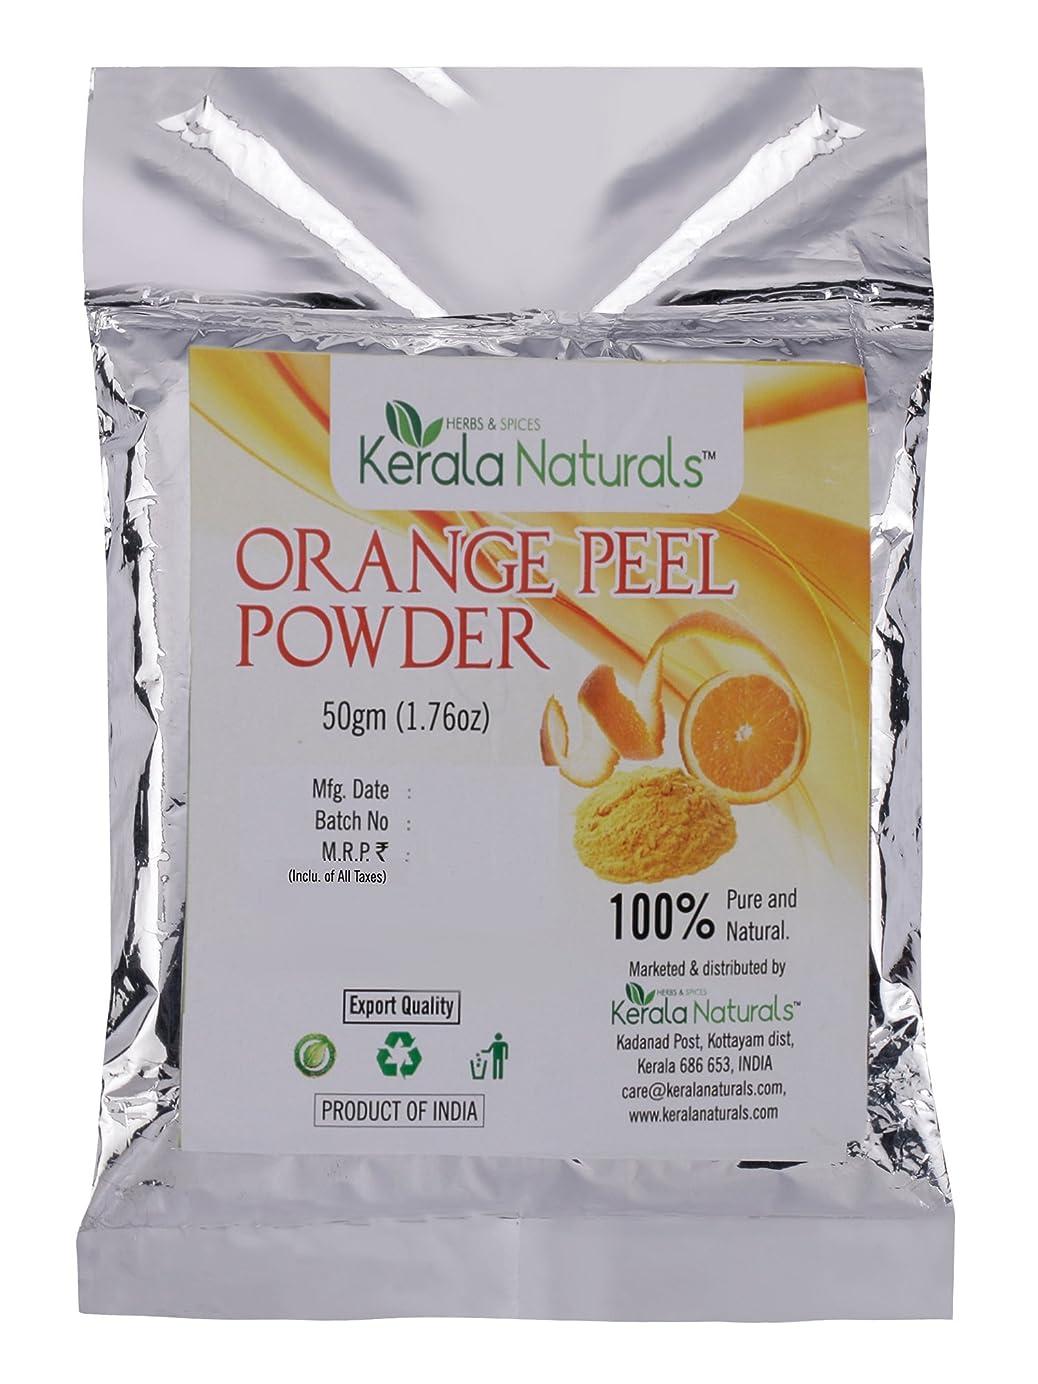 麦芽選出する集中Orange Peel Powder 150gm - Natural Pore Cleanser - Helps to eliminate blackheads, blemishes and scars with its natural citrus skin lightening properties - オレンジピールパウダー150gm-ナチュラルポアクレンザー-